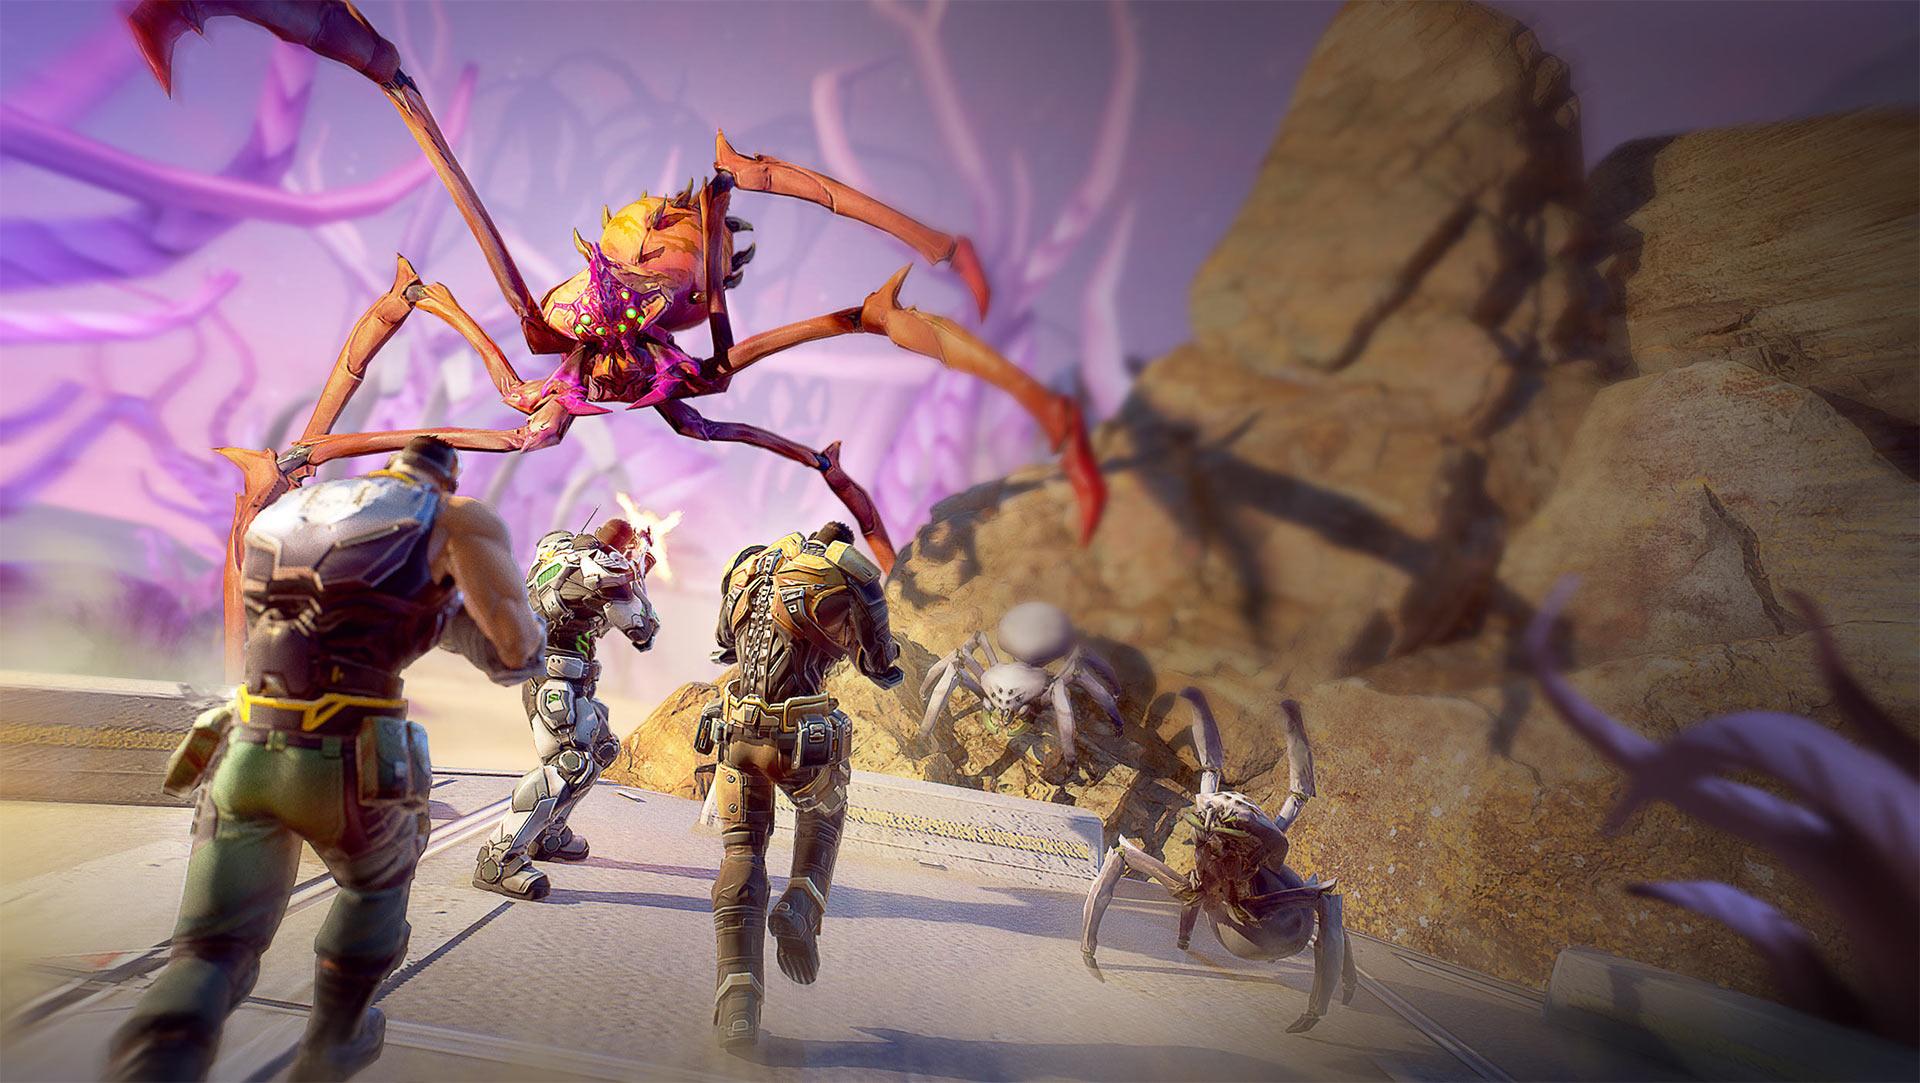 """Combats et science-fiction de retour sur iOS avec le nouveau """"Evolution 2 : Battle for Utopia"""" 1"""